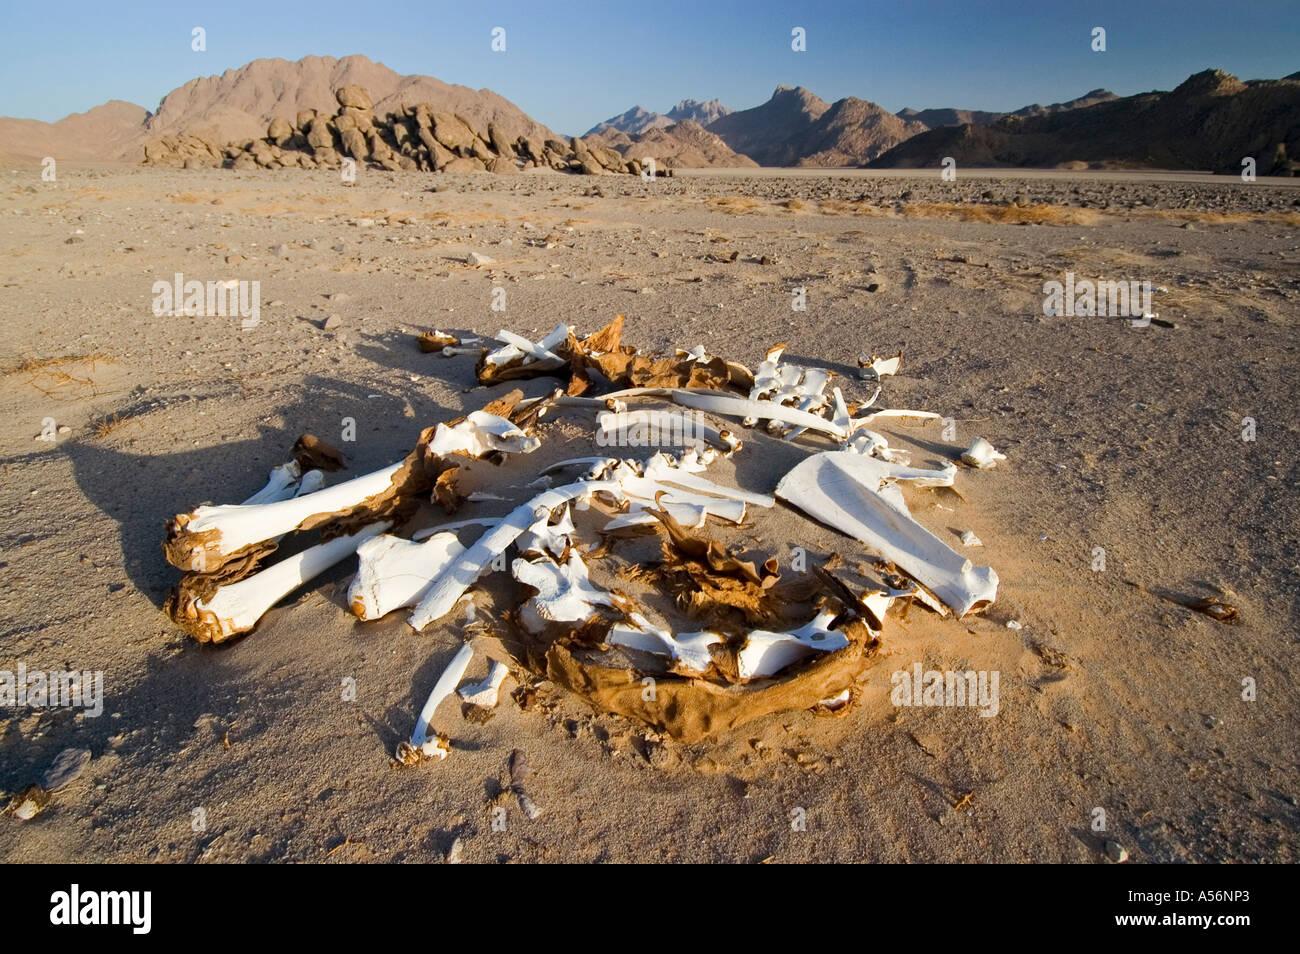 Dead camel in the desert - Stock Image